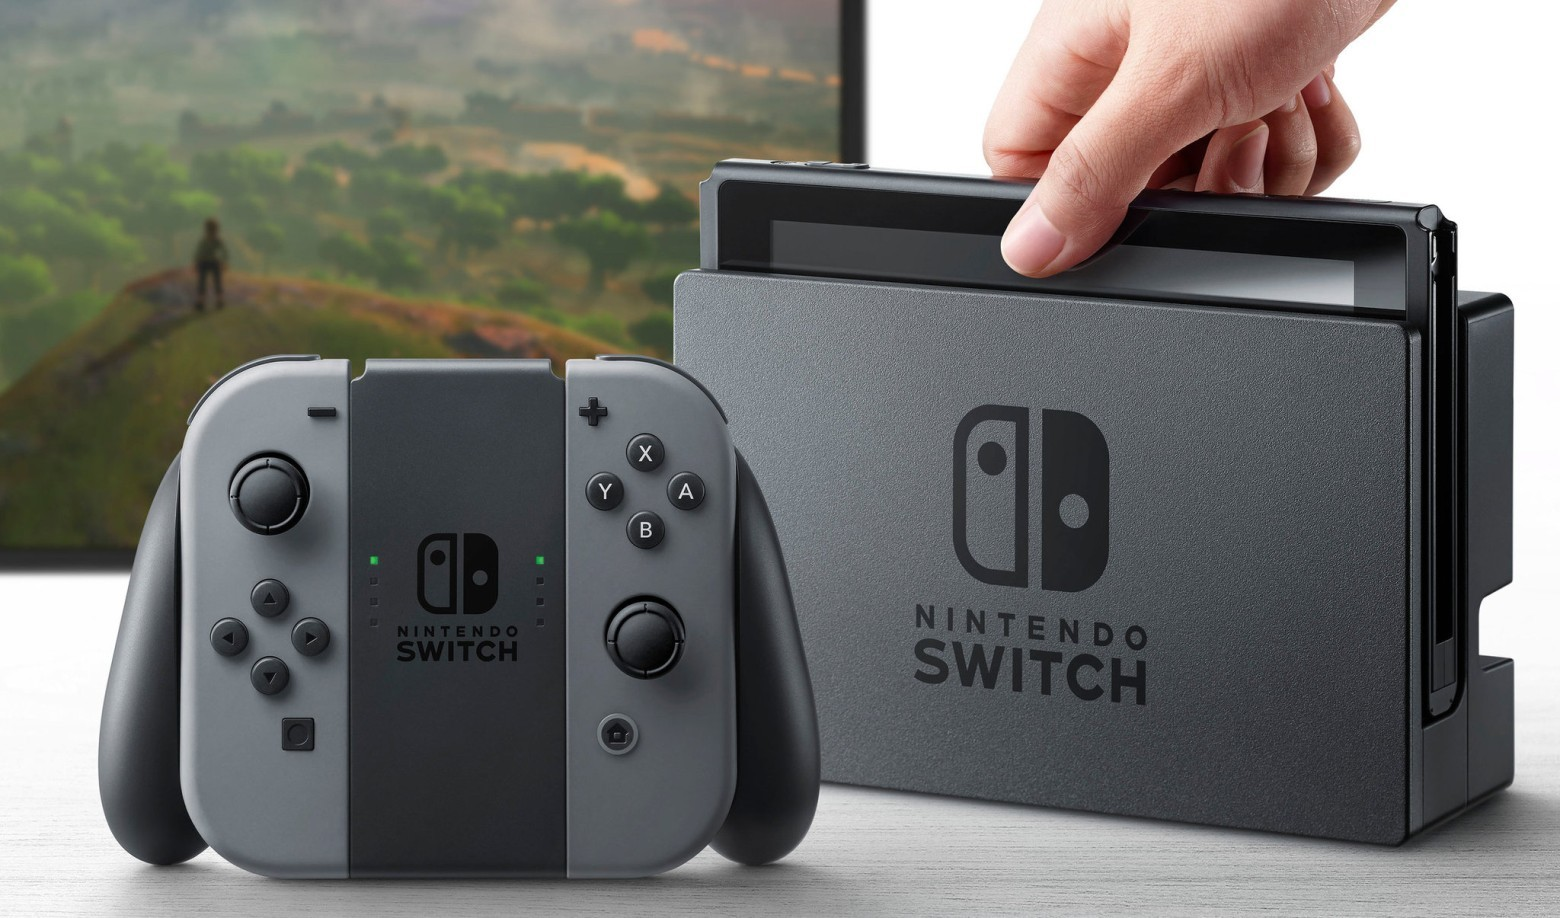 Состоялась презентация Nintendo Switch c контроллерами в стиле Wii - 1